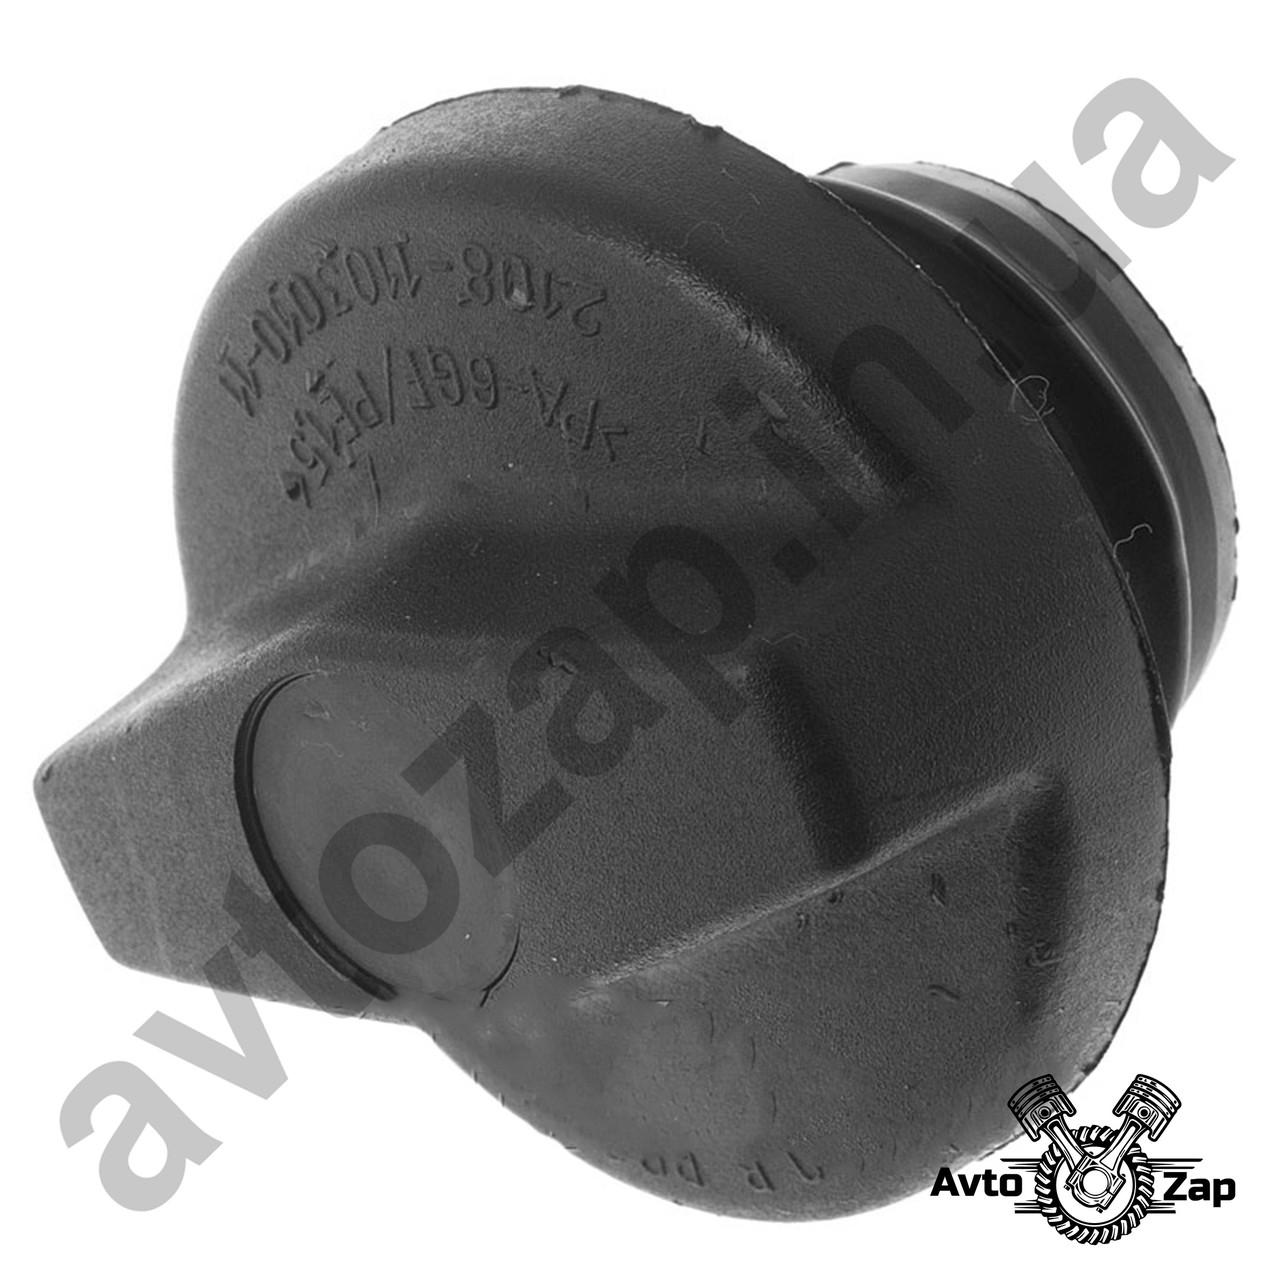 Крышка топливного бака ВАЗ 2108-099, 2113-15 без ключа   56915